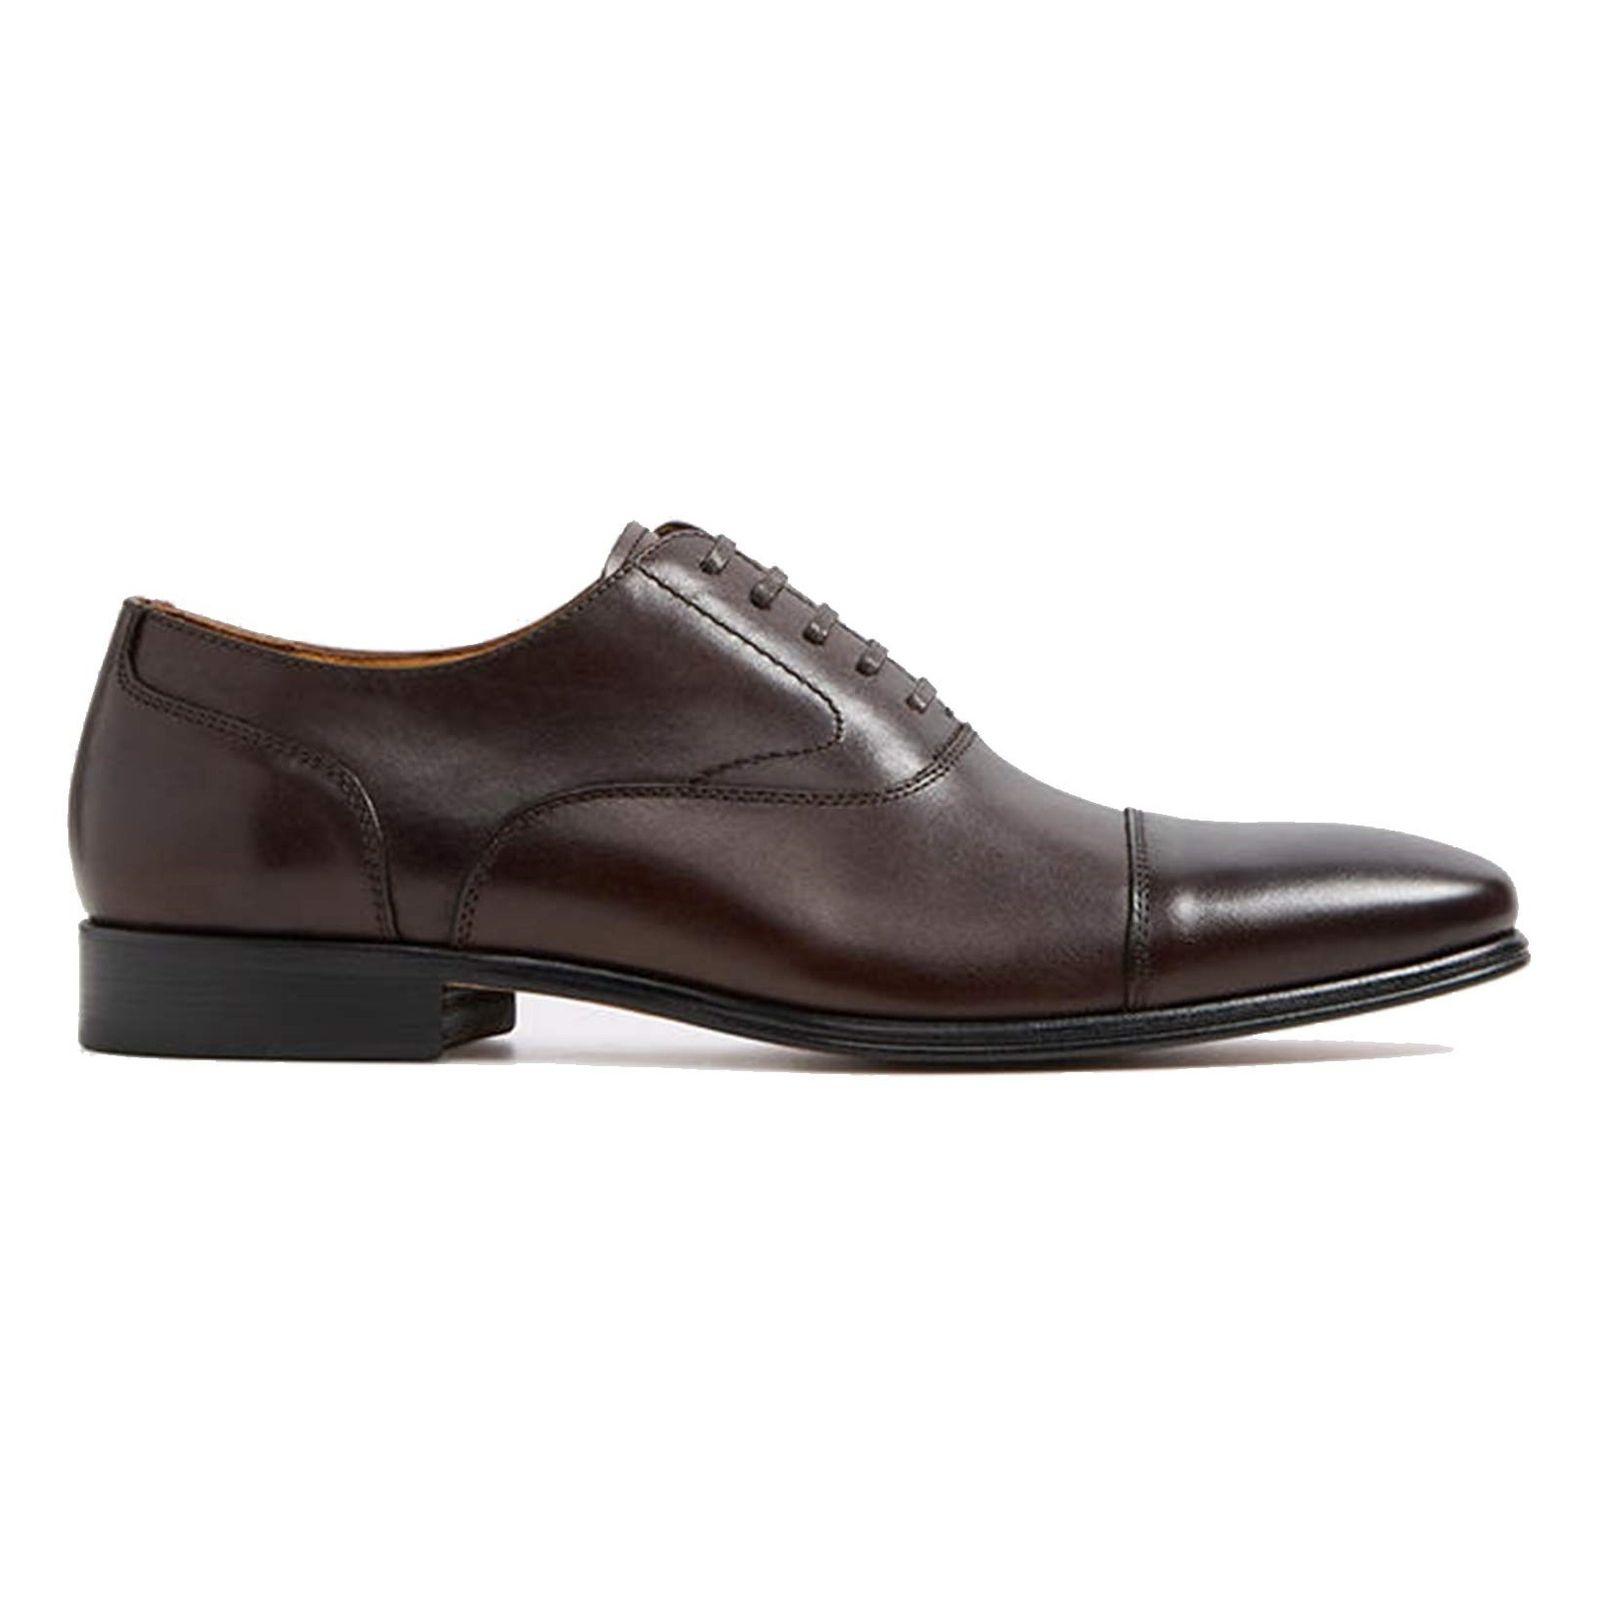 کفش رسمی چرم مردانه - آلدو - قهوه اي تيره - 1